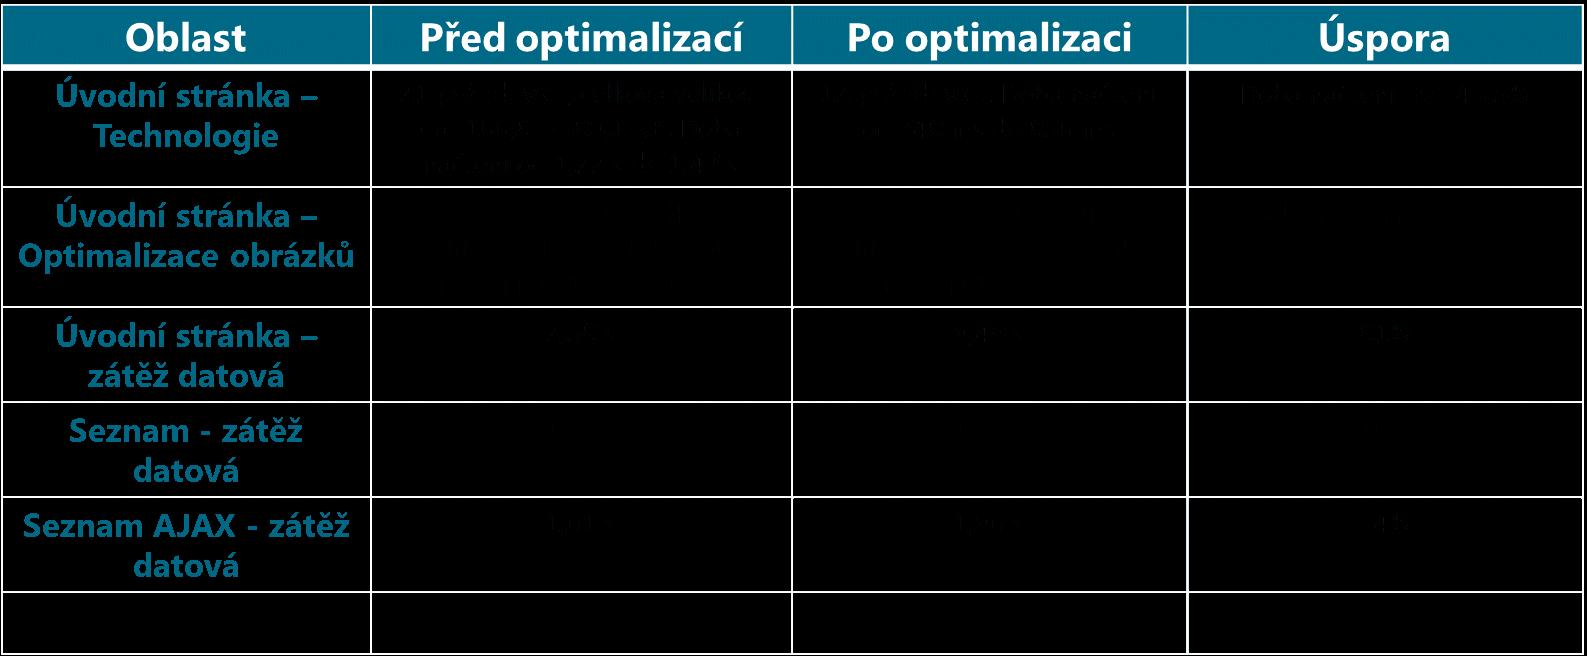 Optimalizace B2B portálu poháněném Interlinkem